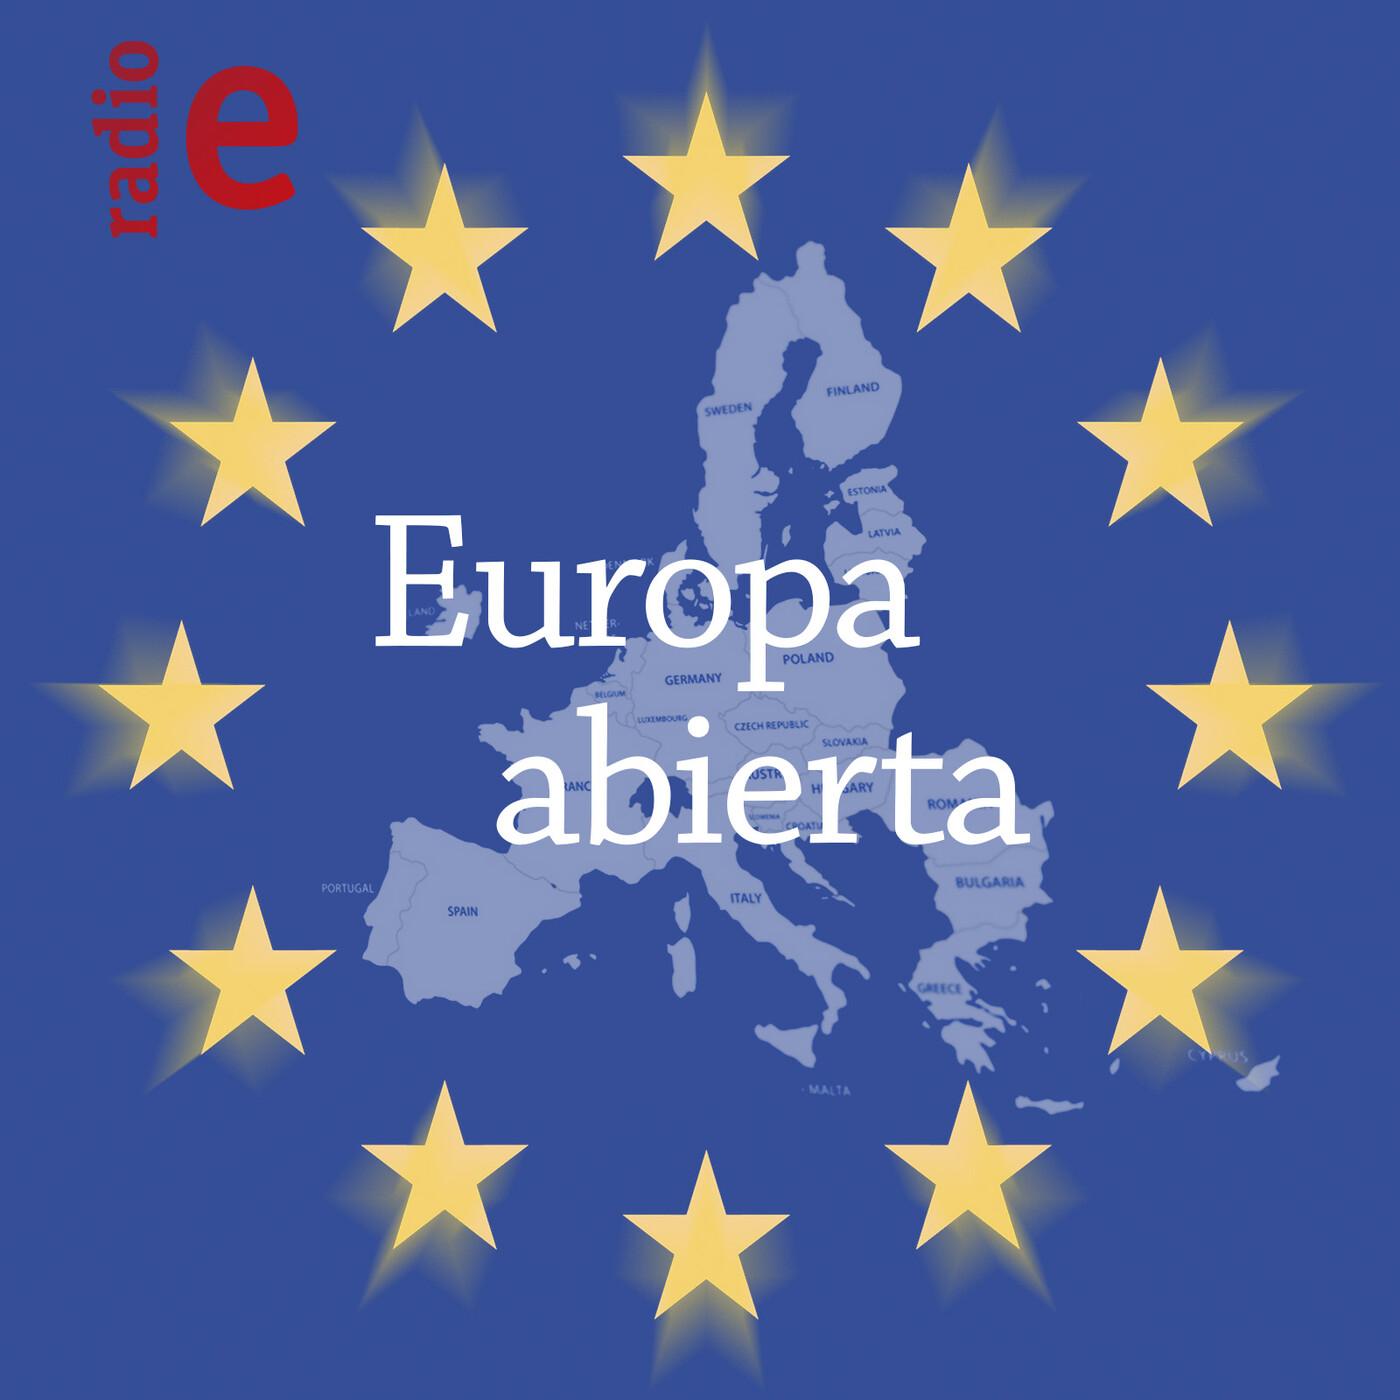 Europa abierta - Los Erasmus se adaptan a la pandemia, pero no se paran